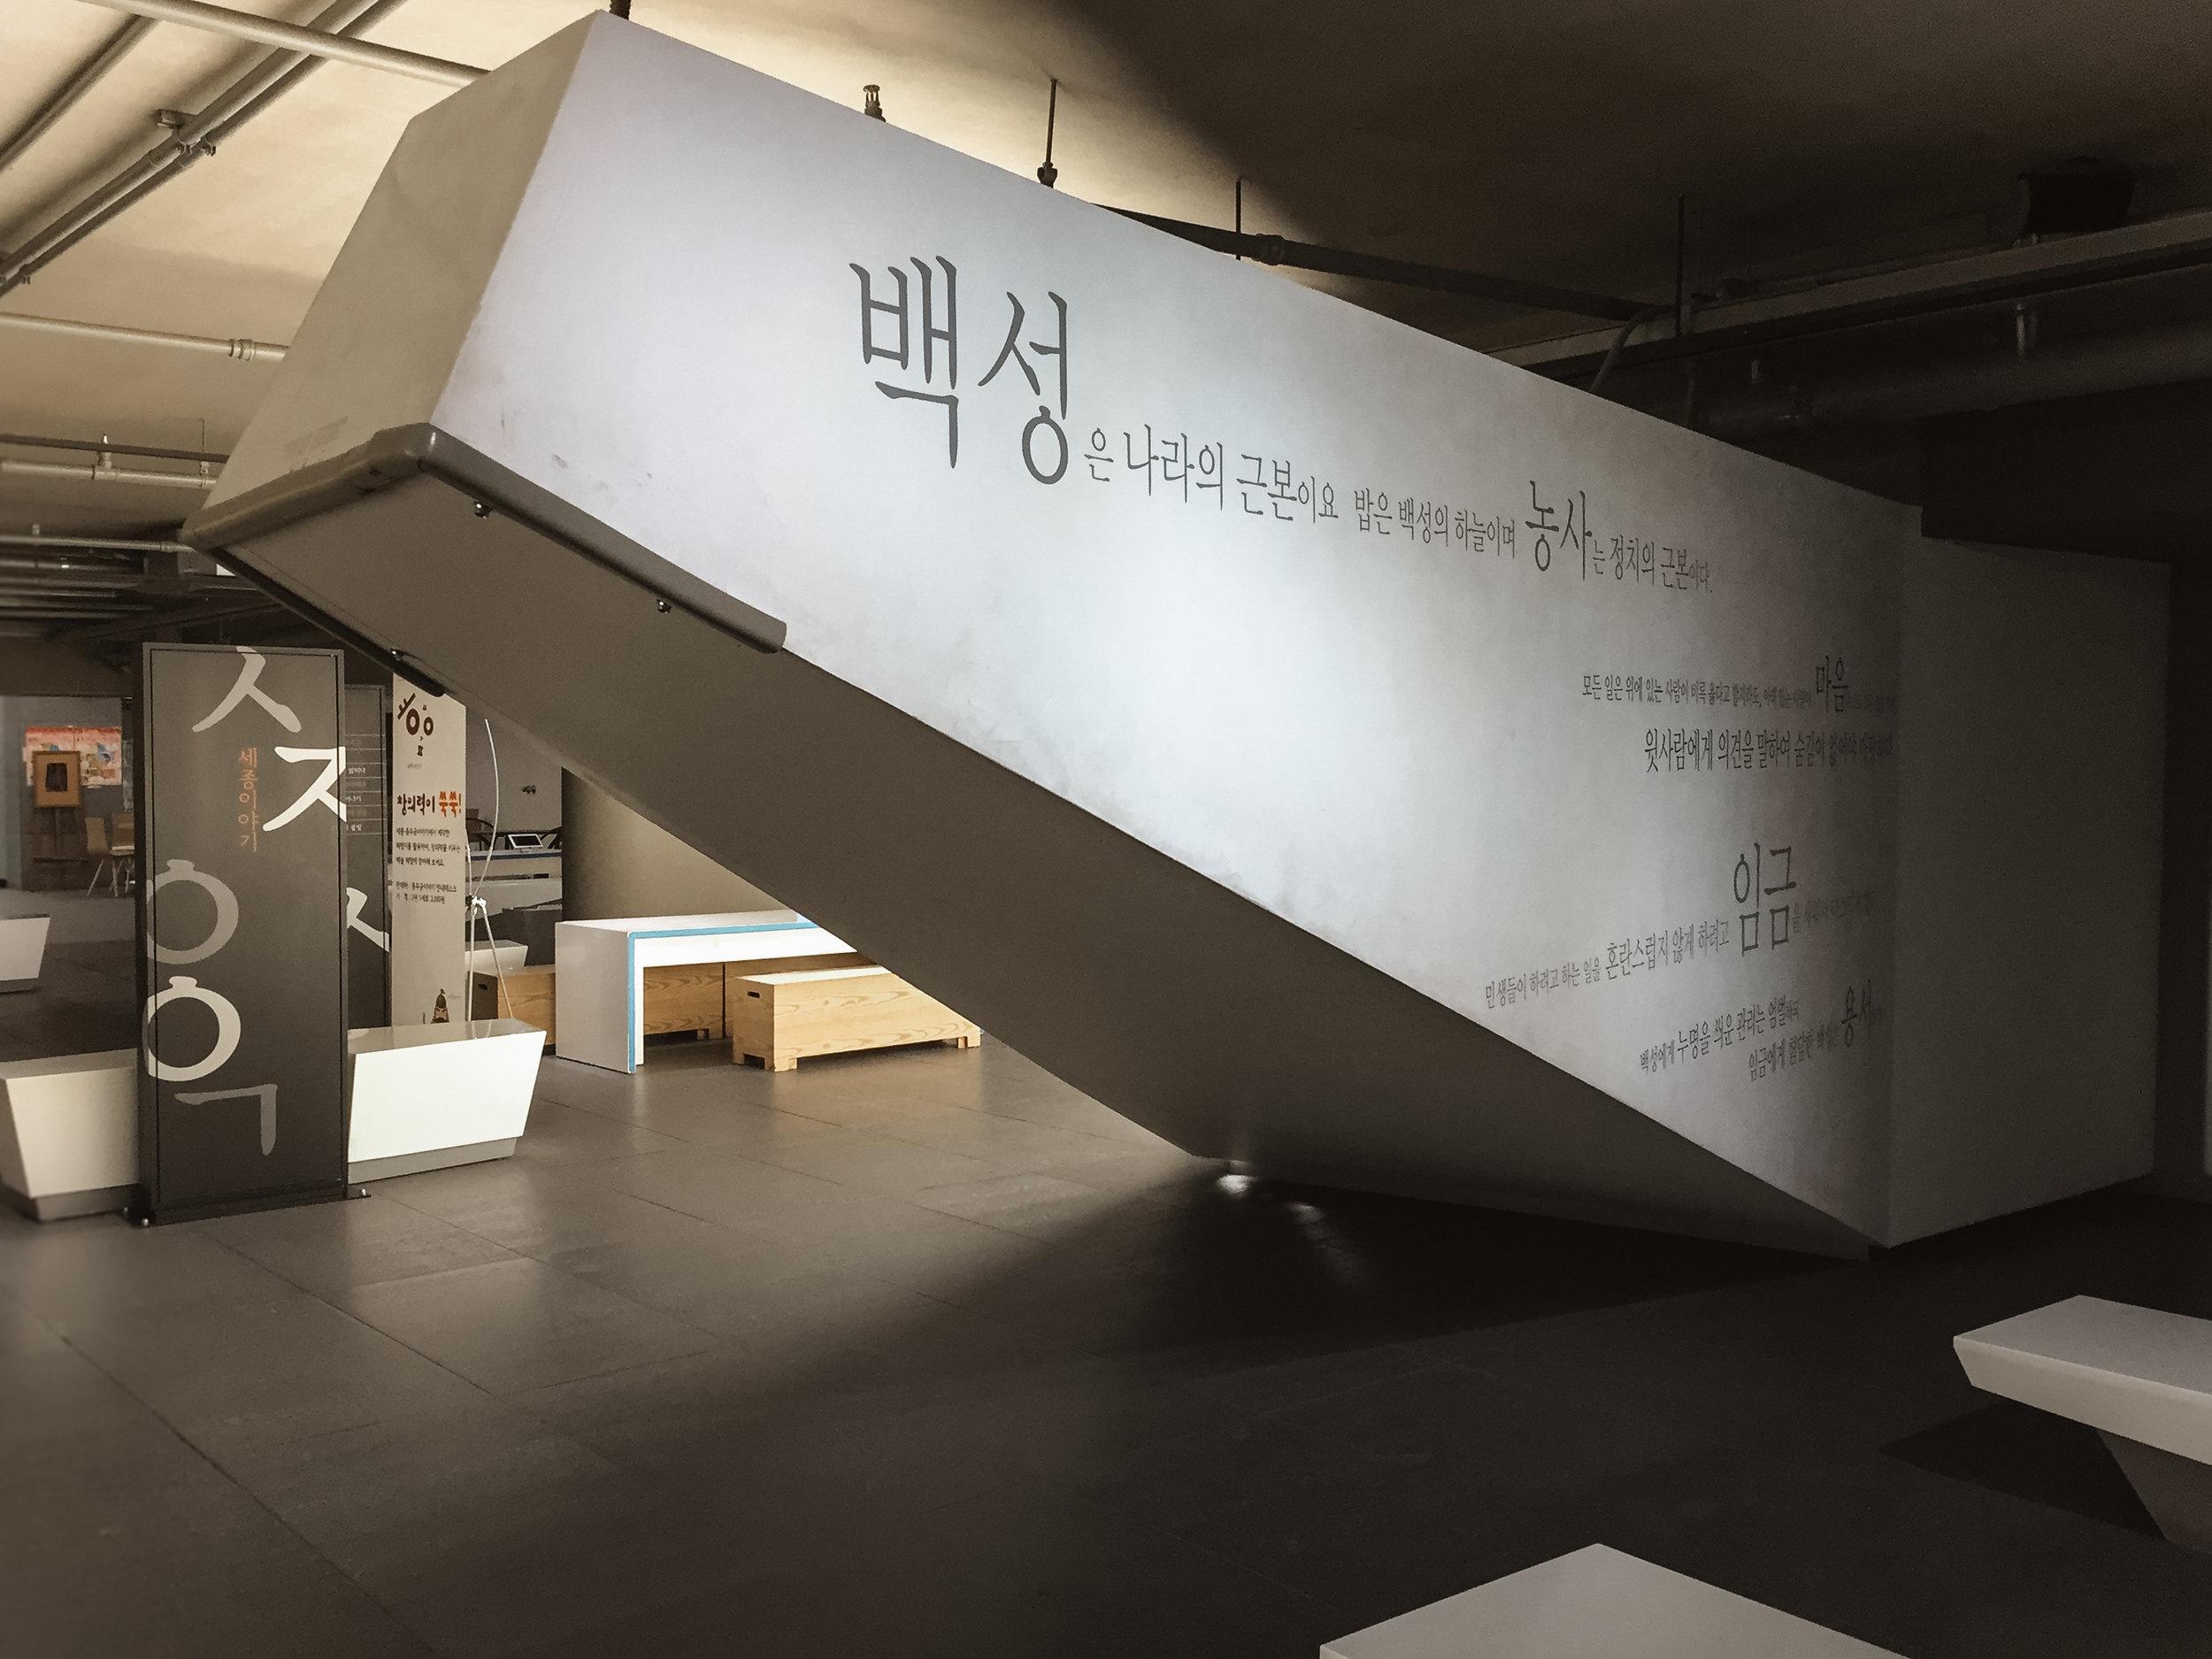 south-korea_26589750912_o.jpg